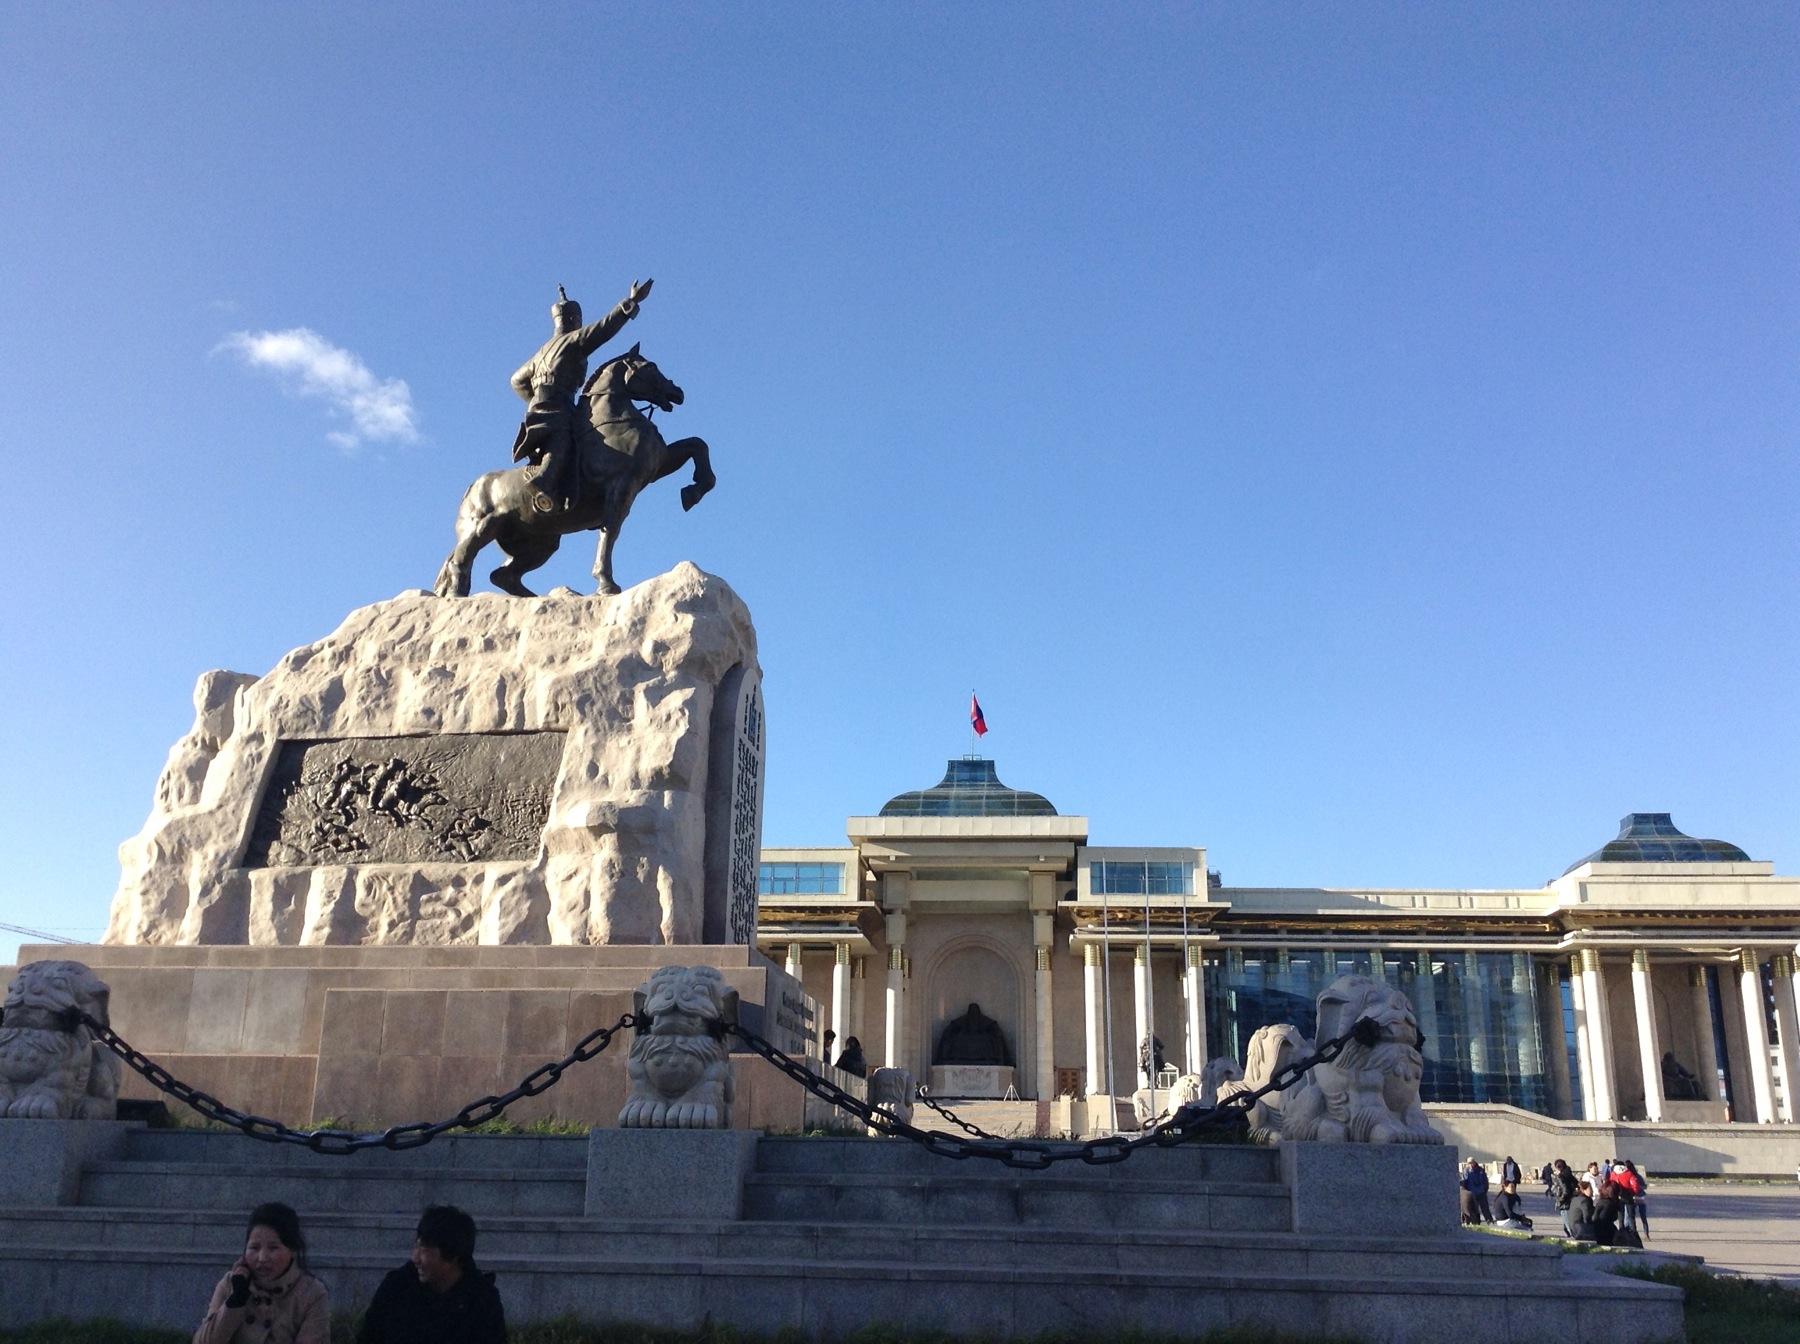 モンゴル最新情報!!スフバータル広場が7月中旬にチンギスハーン広場に改名されていた件についての裏読みと多様性について